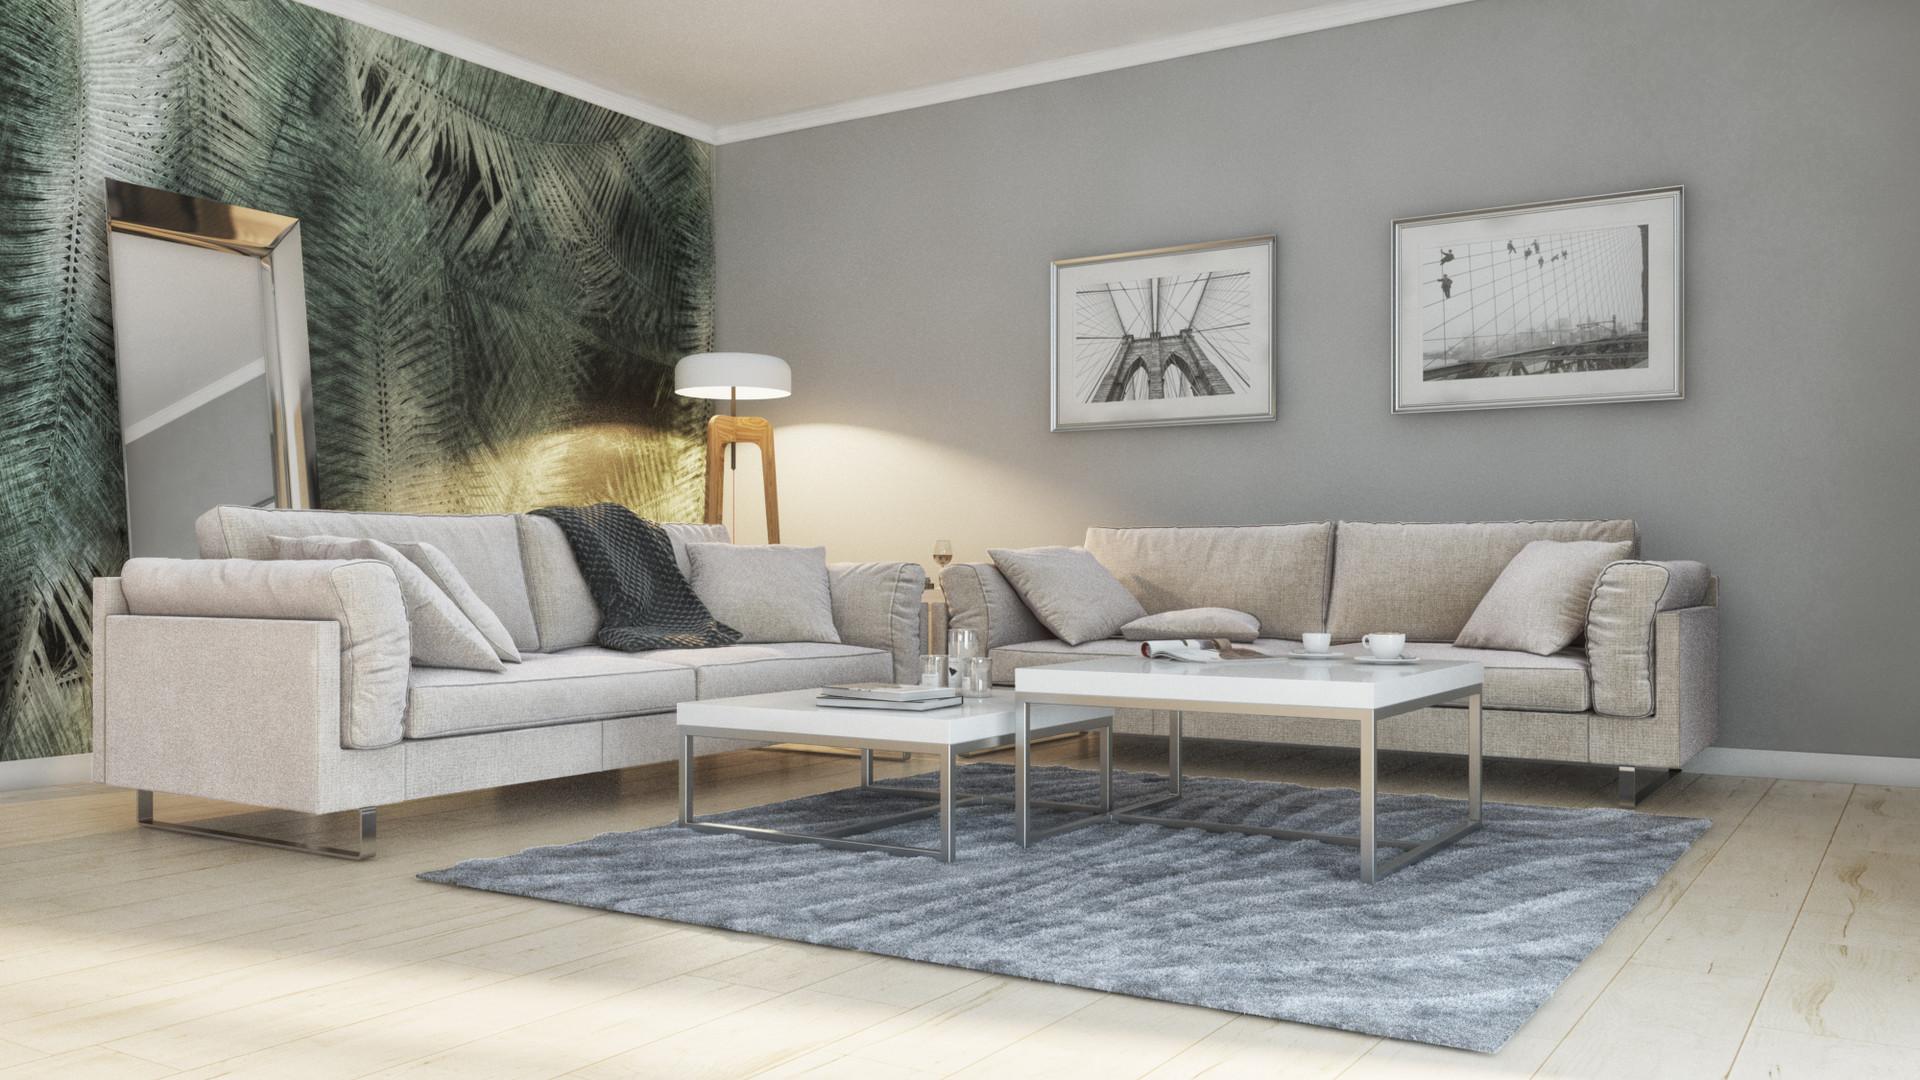 Pawel oleskow mieszkanie apartament ujecie 2